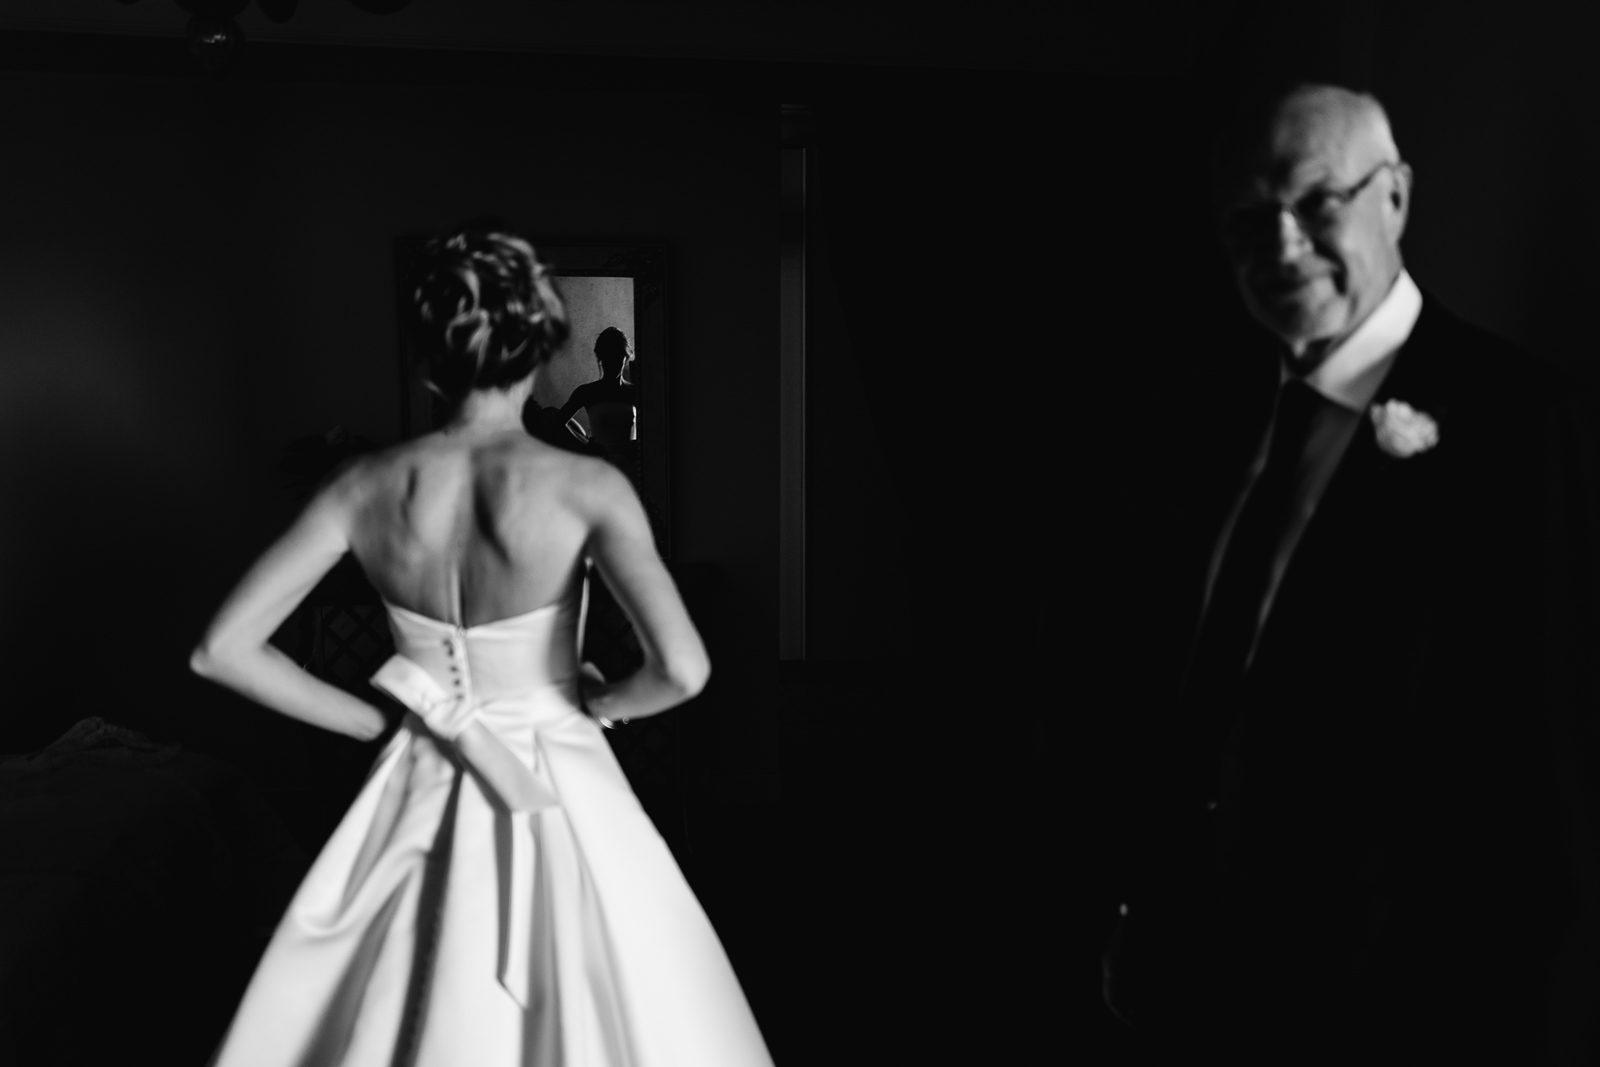 Il padre della sposa, la sposa di spalle. Max Allegritti, Fotografo Professionista di matrimonio a Milano e Monza